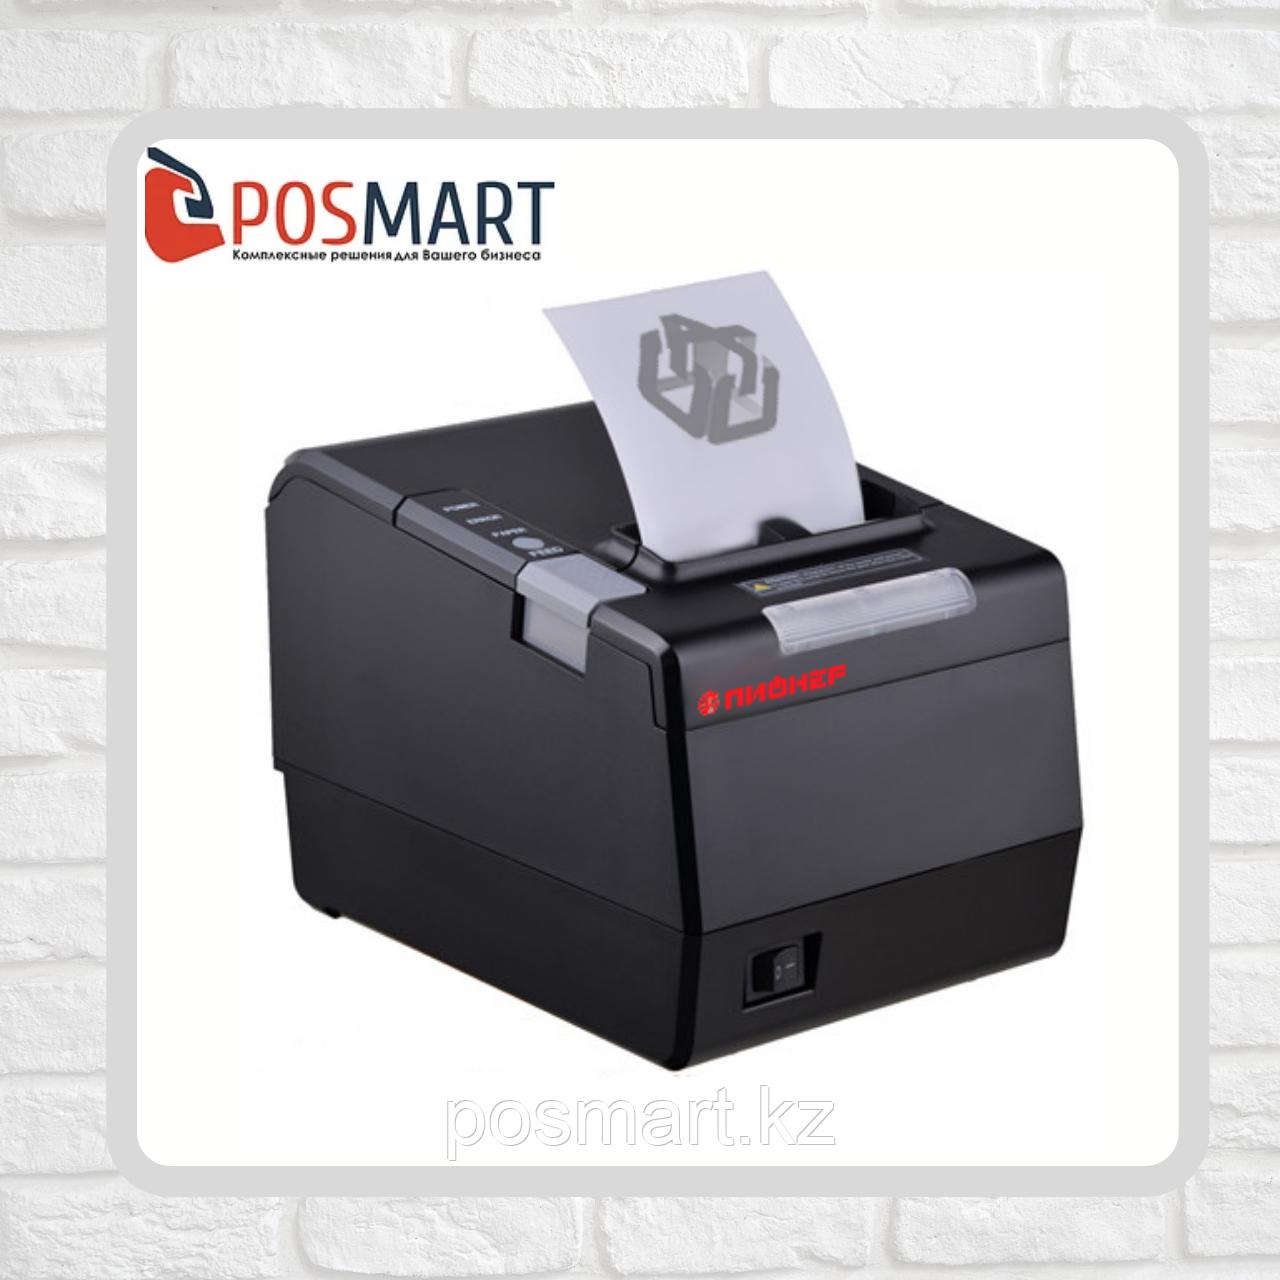 Принтер чеков Пионер RP850